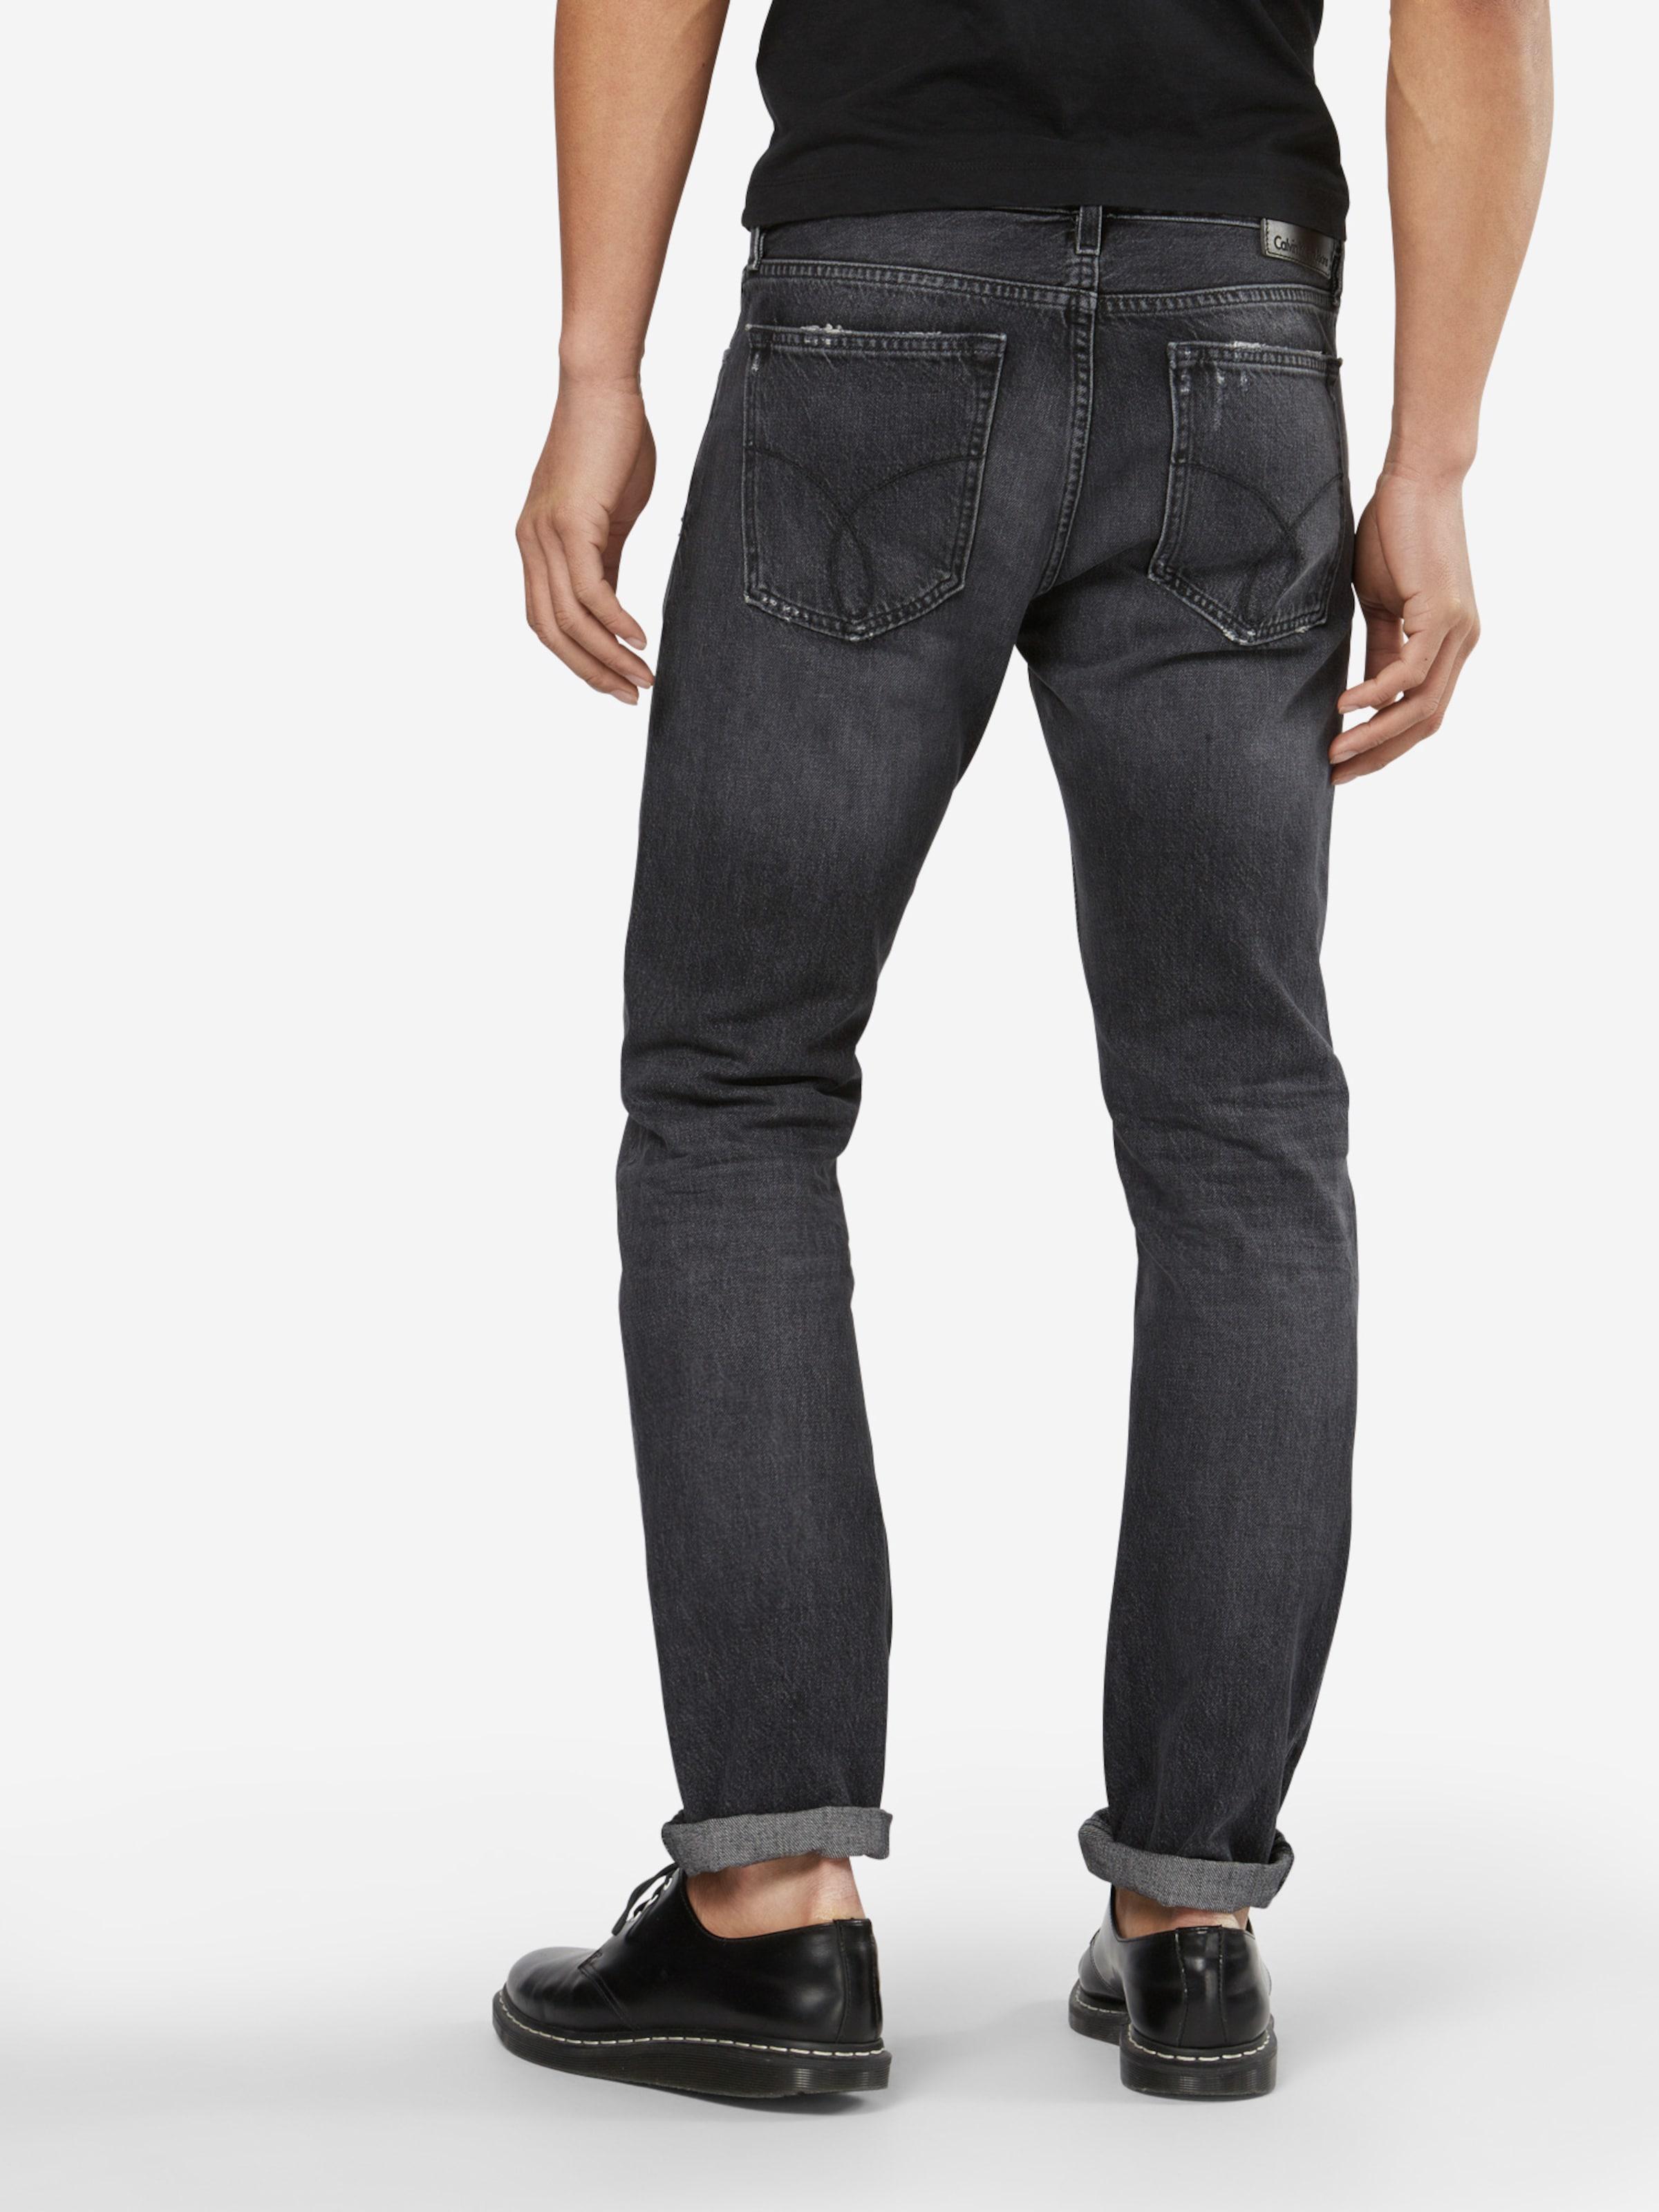 Calvin Klein Jeans Jeans 'SLIM STRAIGHT - HOLLIS BLACK' Rabatt 100% Authentische TG8hOt5oN